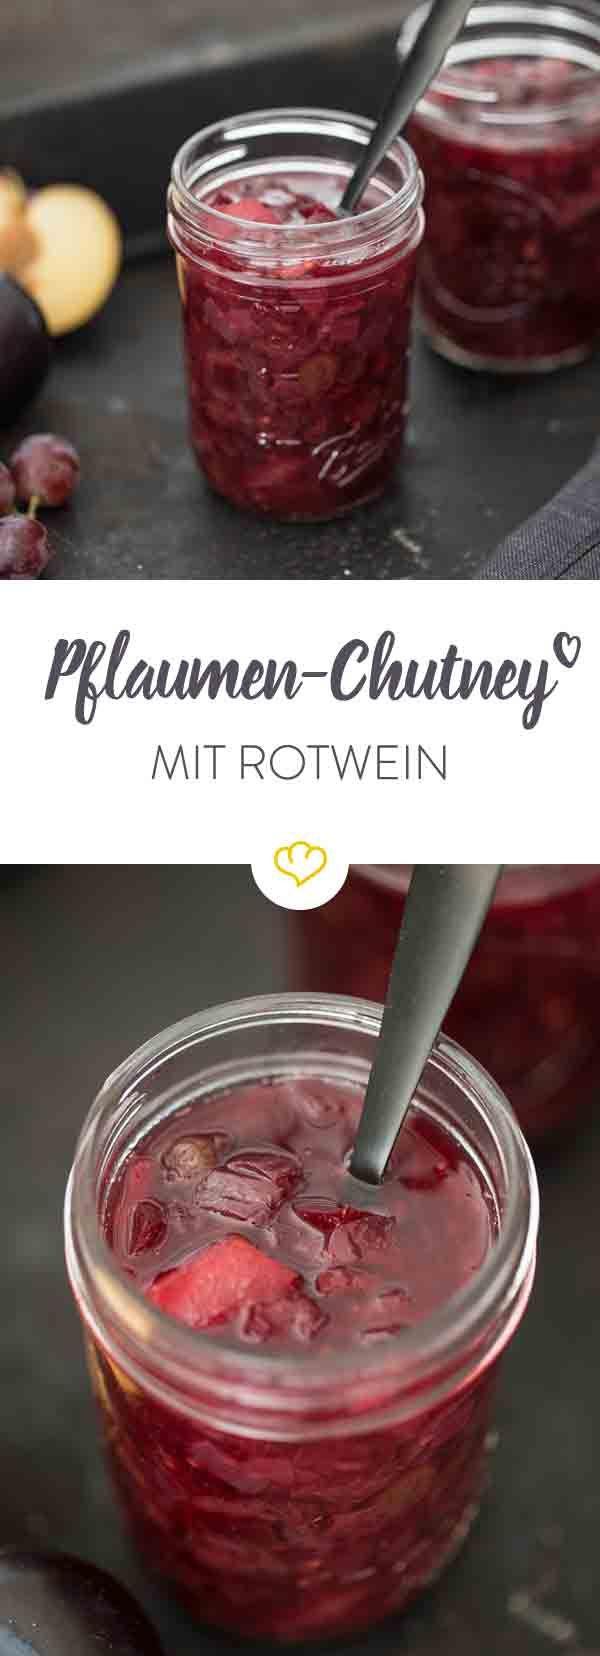 Zur sommerlichen Grillparty sowie zur Weihnachtsgans: Scharfes Pflaumen-Rotwein-Chutney solltest du das ganze Jahr über auf Vorrat haben.